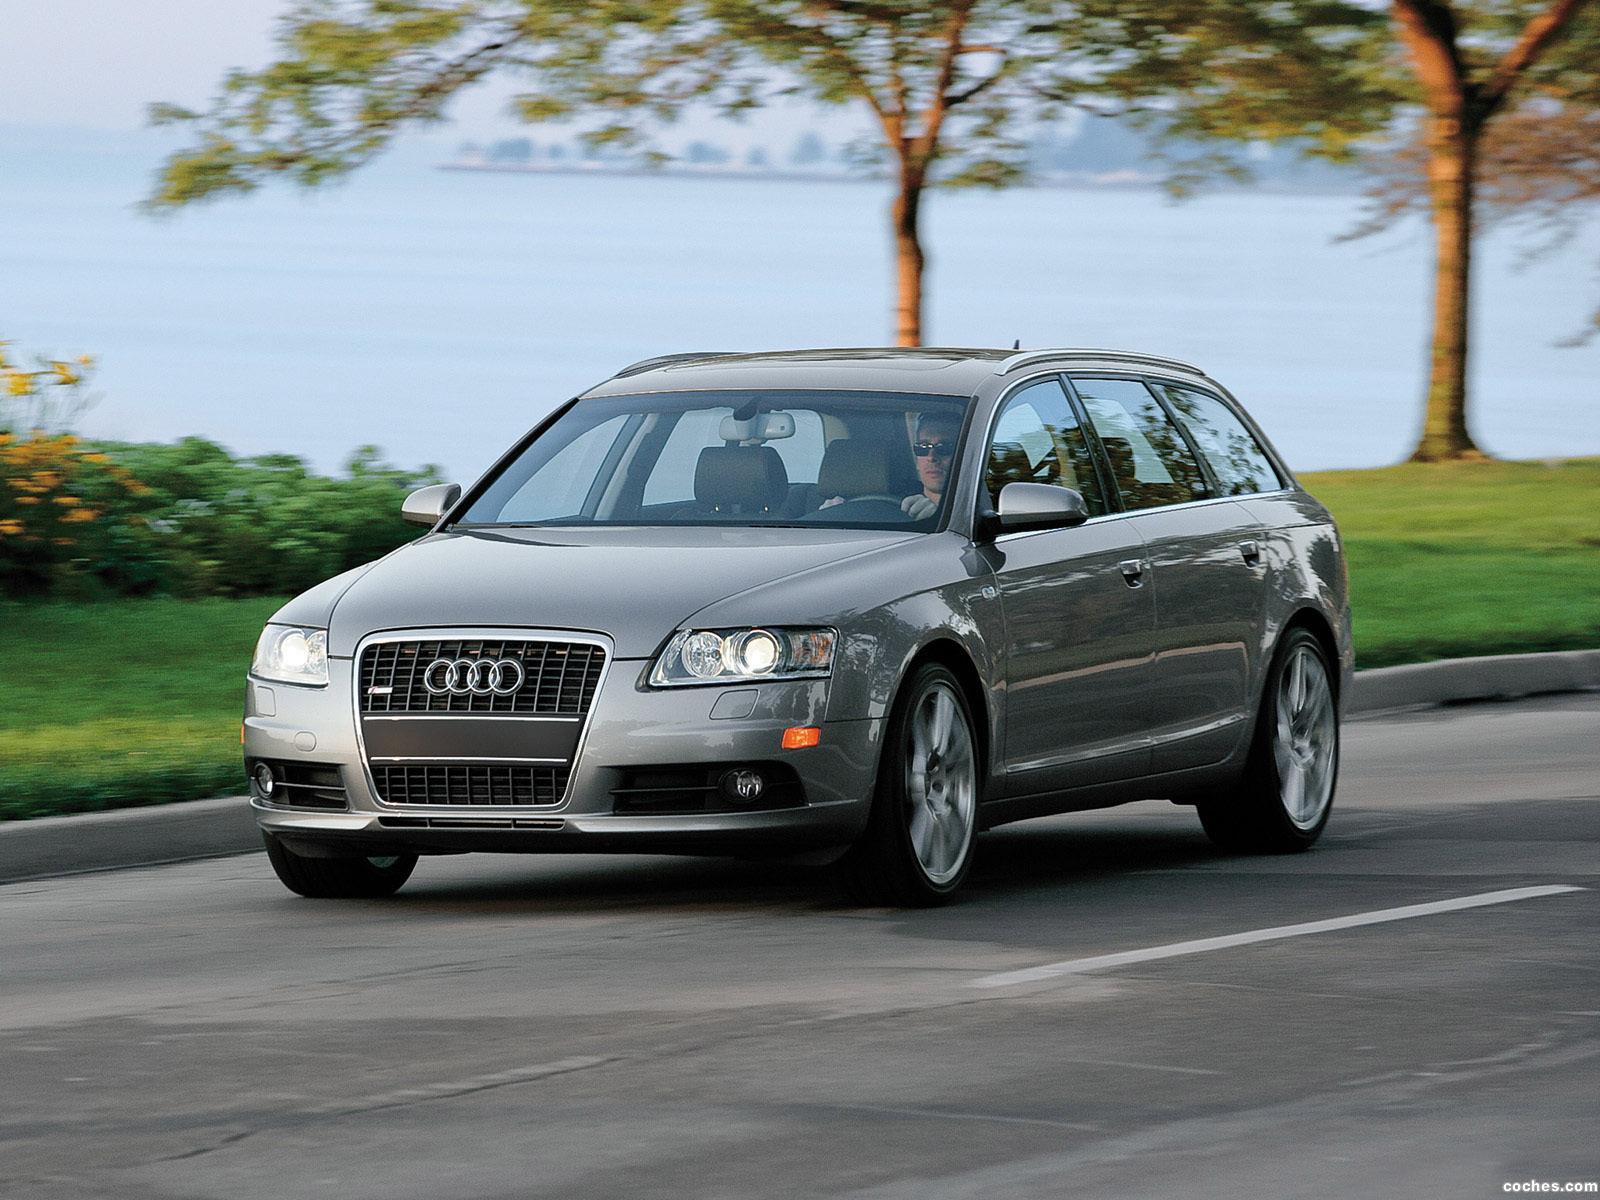 Foto 1 de Audi A6 3.2 Quattro S-Line Avant USA 2007